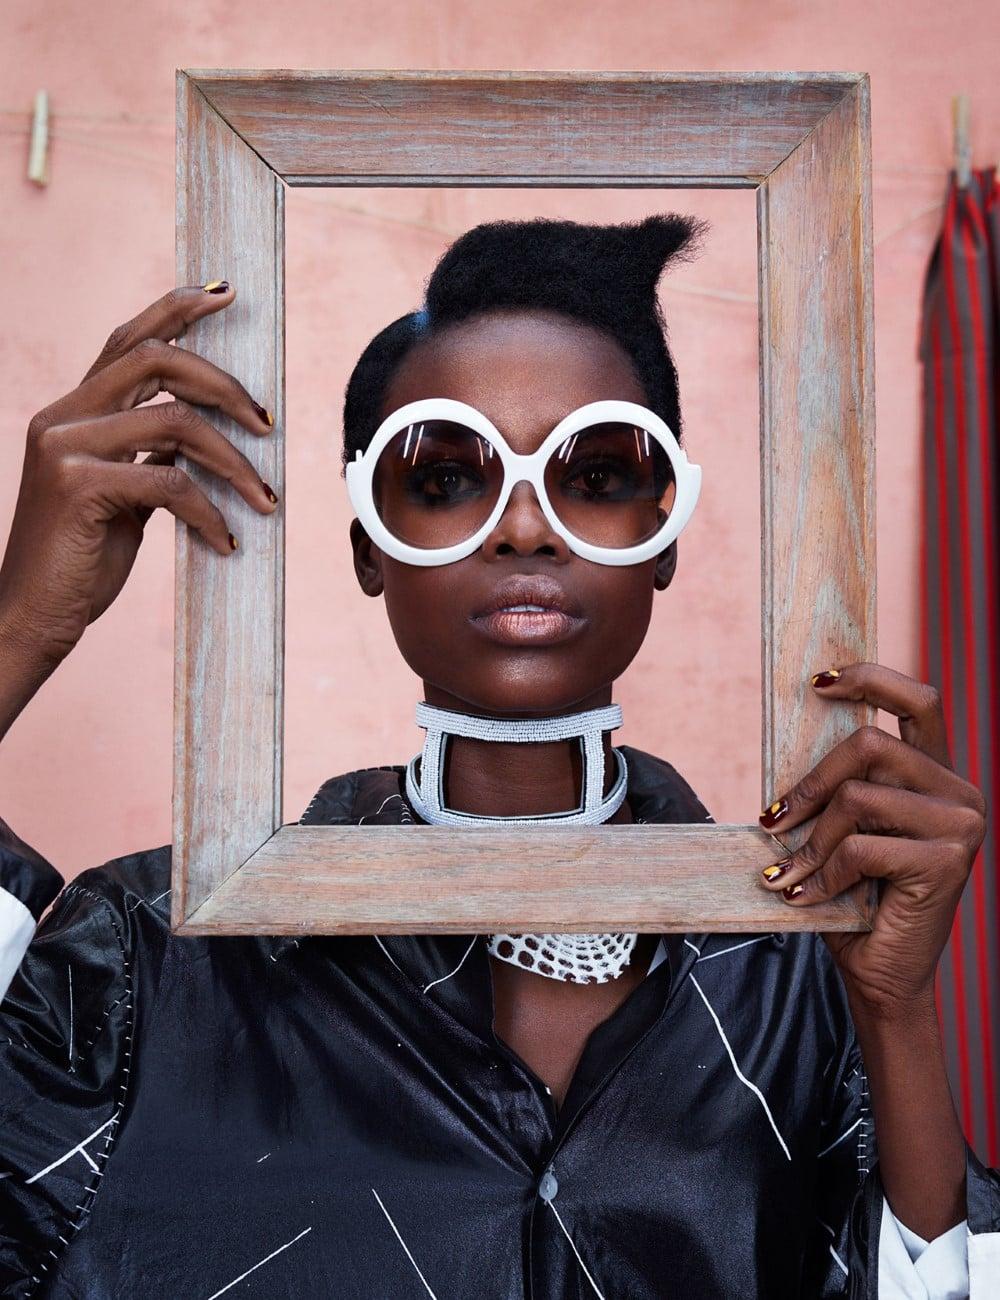 africa-rising-ed-singleton-models- (3).jpg